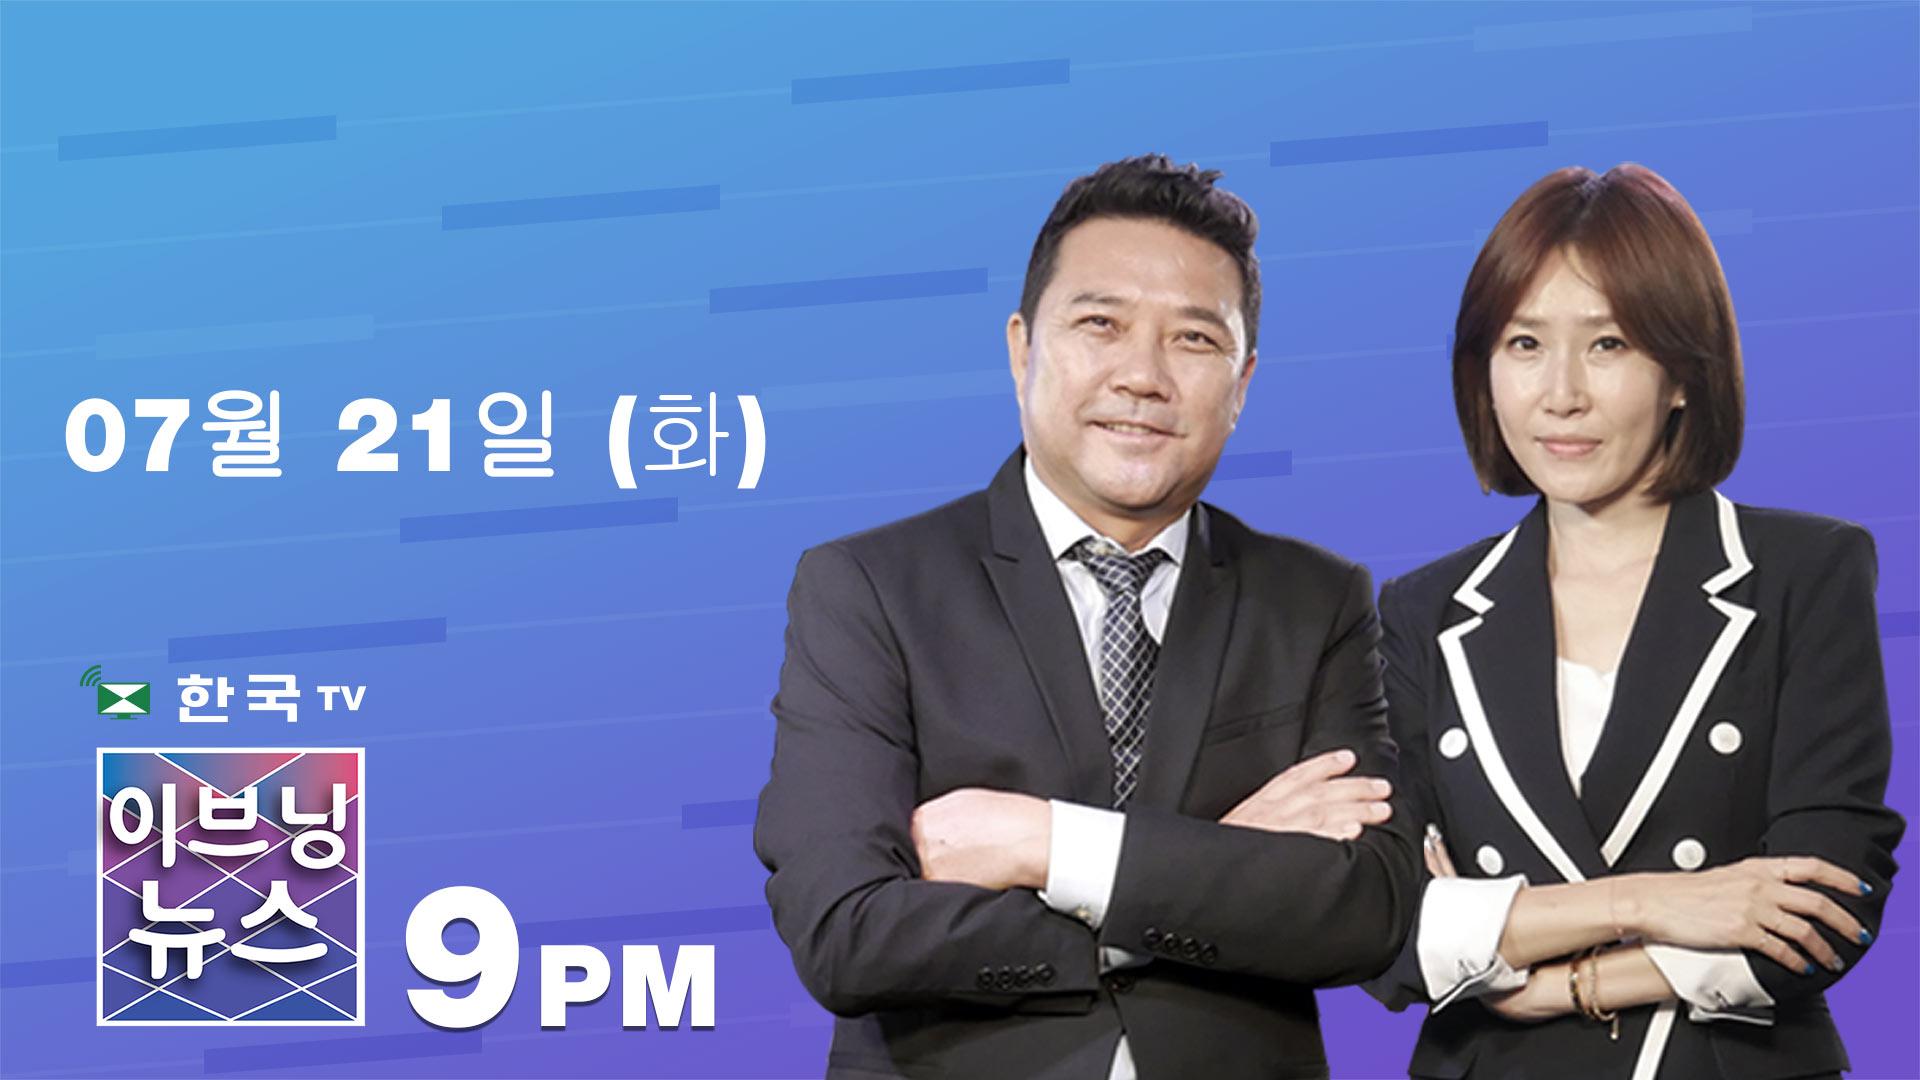 (07.21.2020) 한국TV 이브닝 뉴스